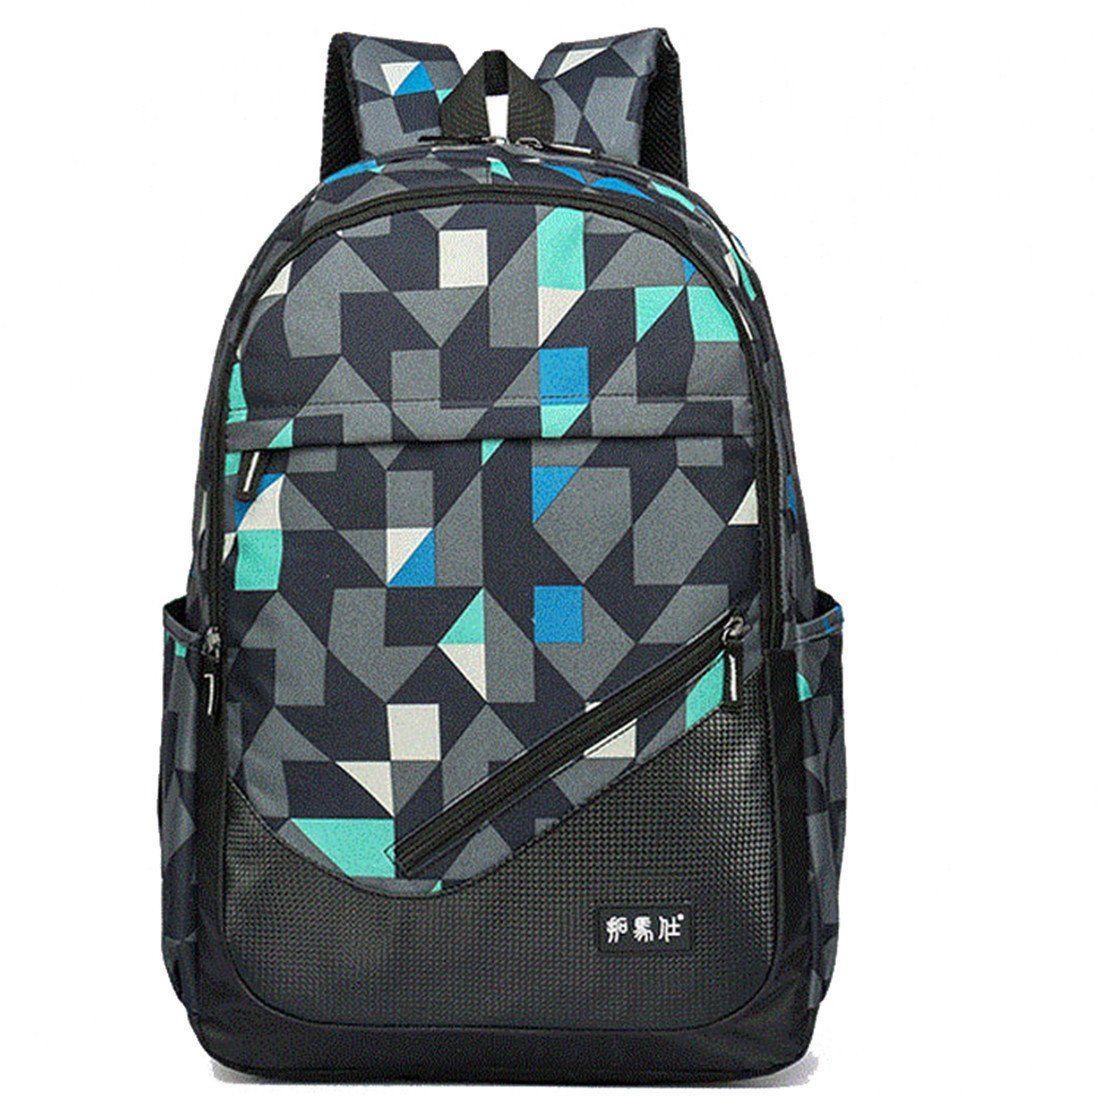 dce6716e6 Maod juveniles Backpack Impermeables Mochila de Ordenador Impresión ...